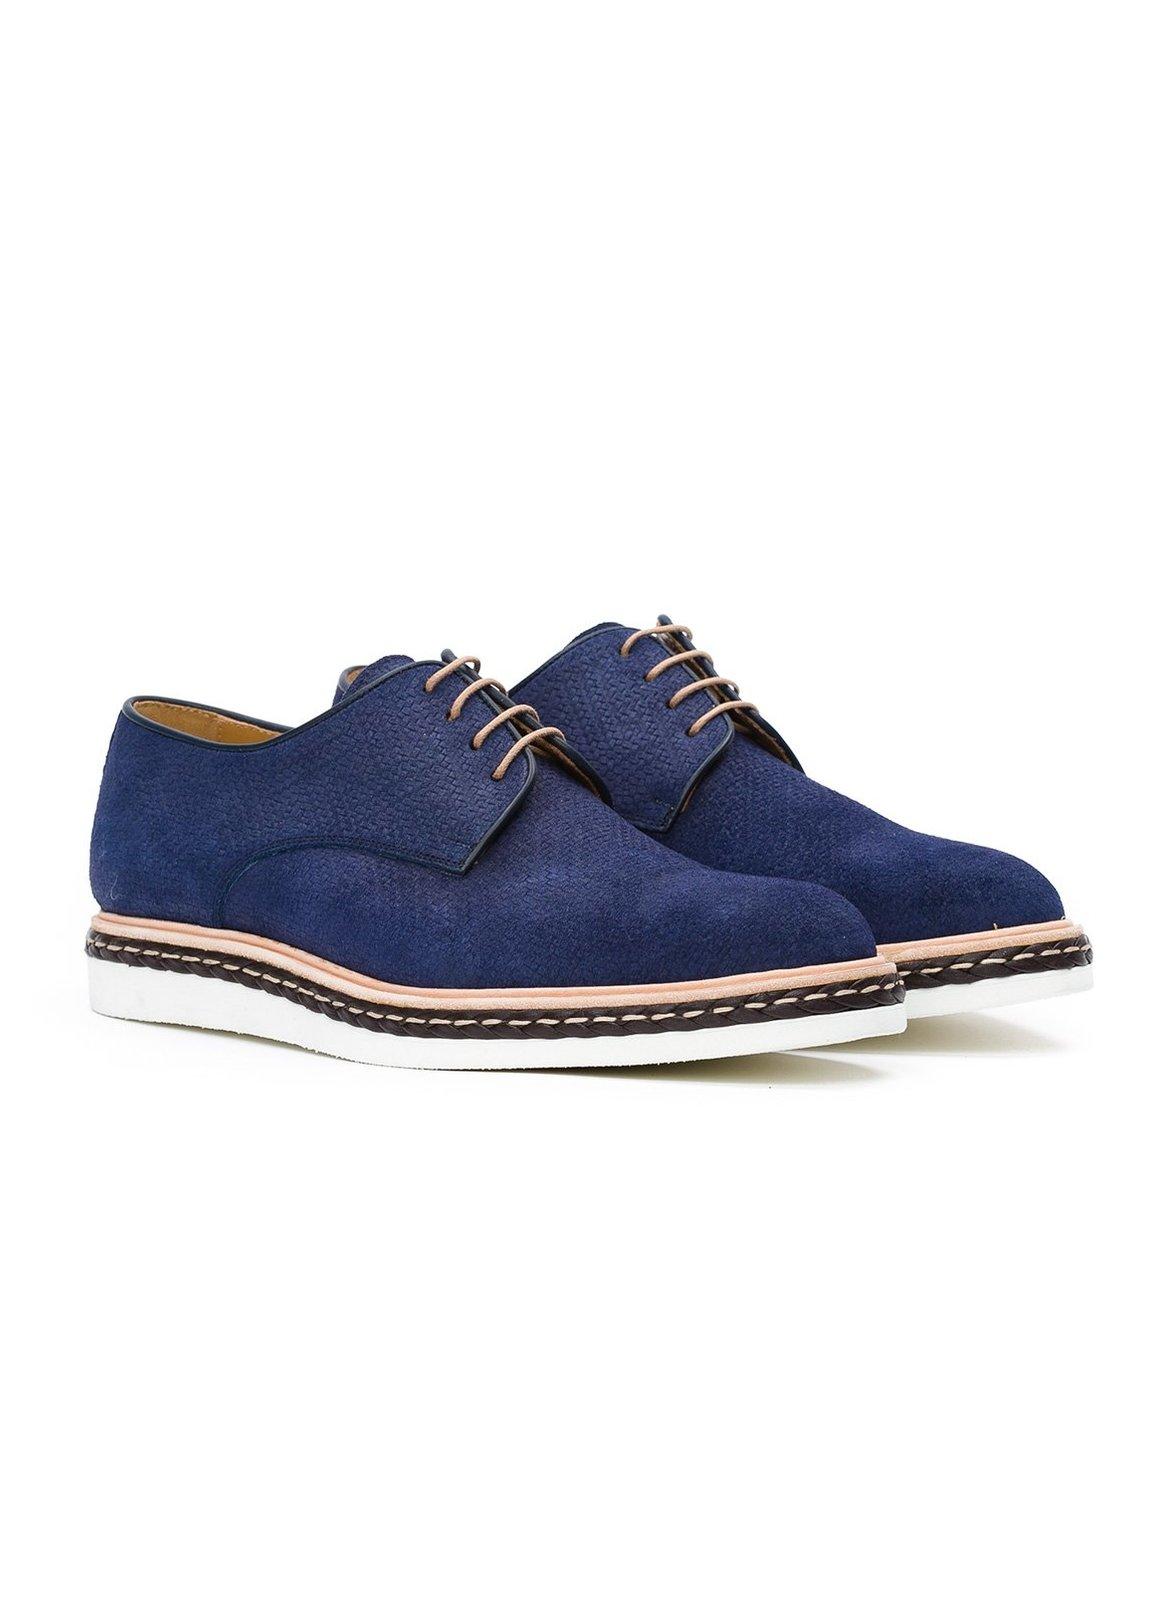 Calzado Sport Wear color azul,100% Serraje. - Ítem2